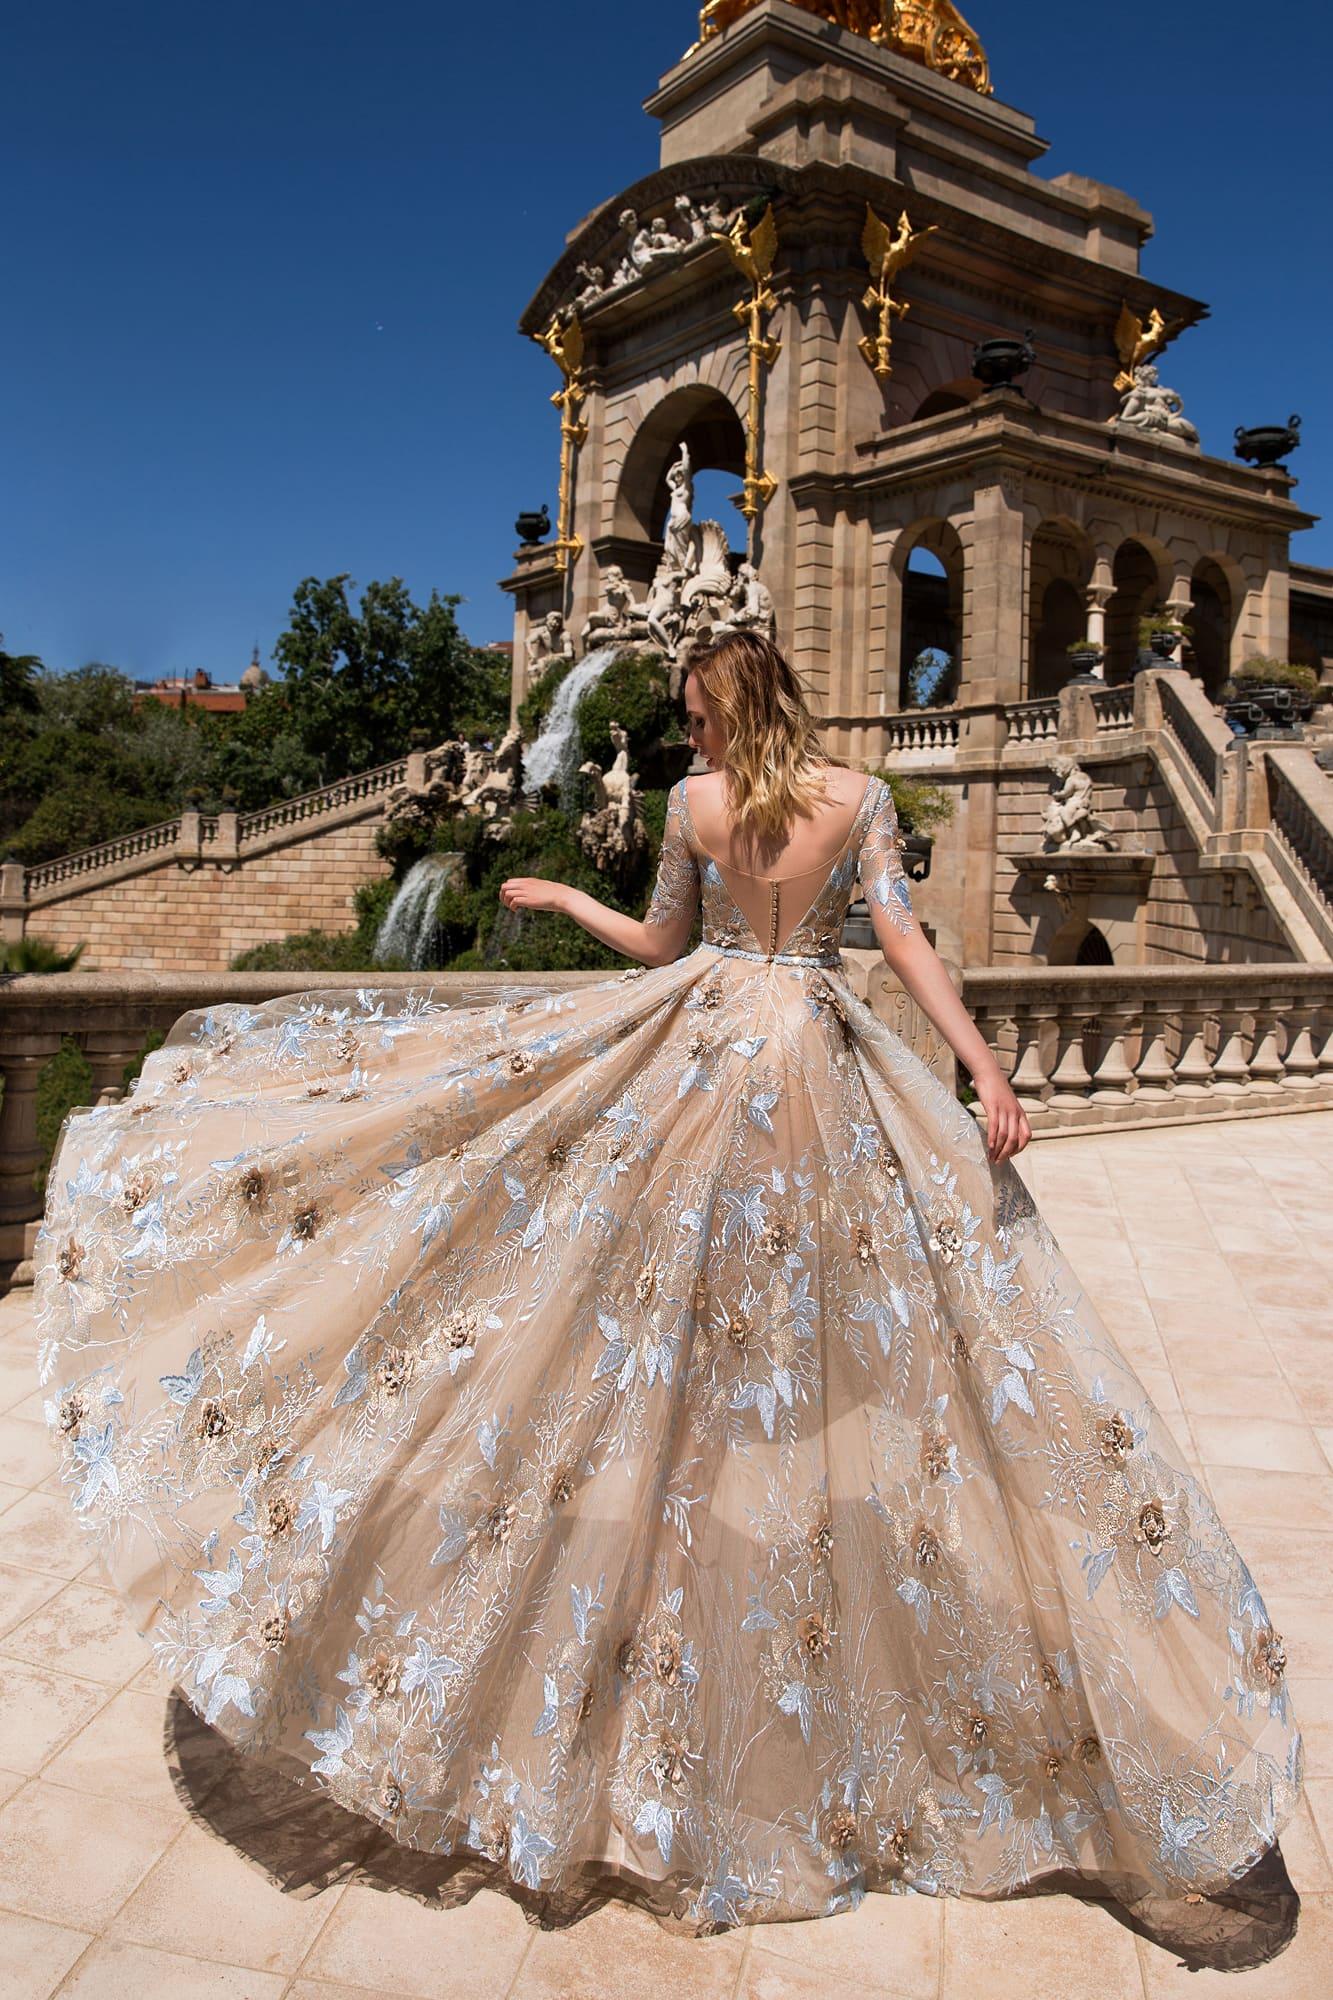 Бежевое вечернее платье с элегантным декольте и романтичной цветочной вышивкой.